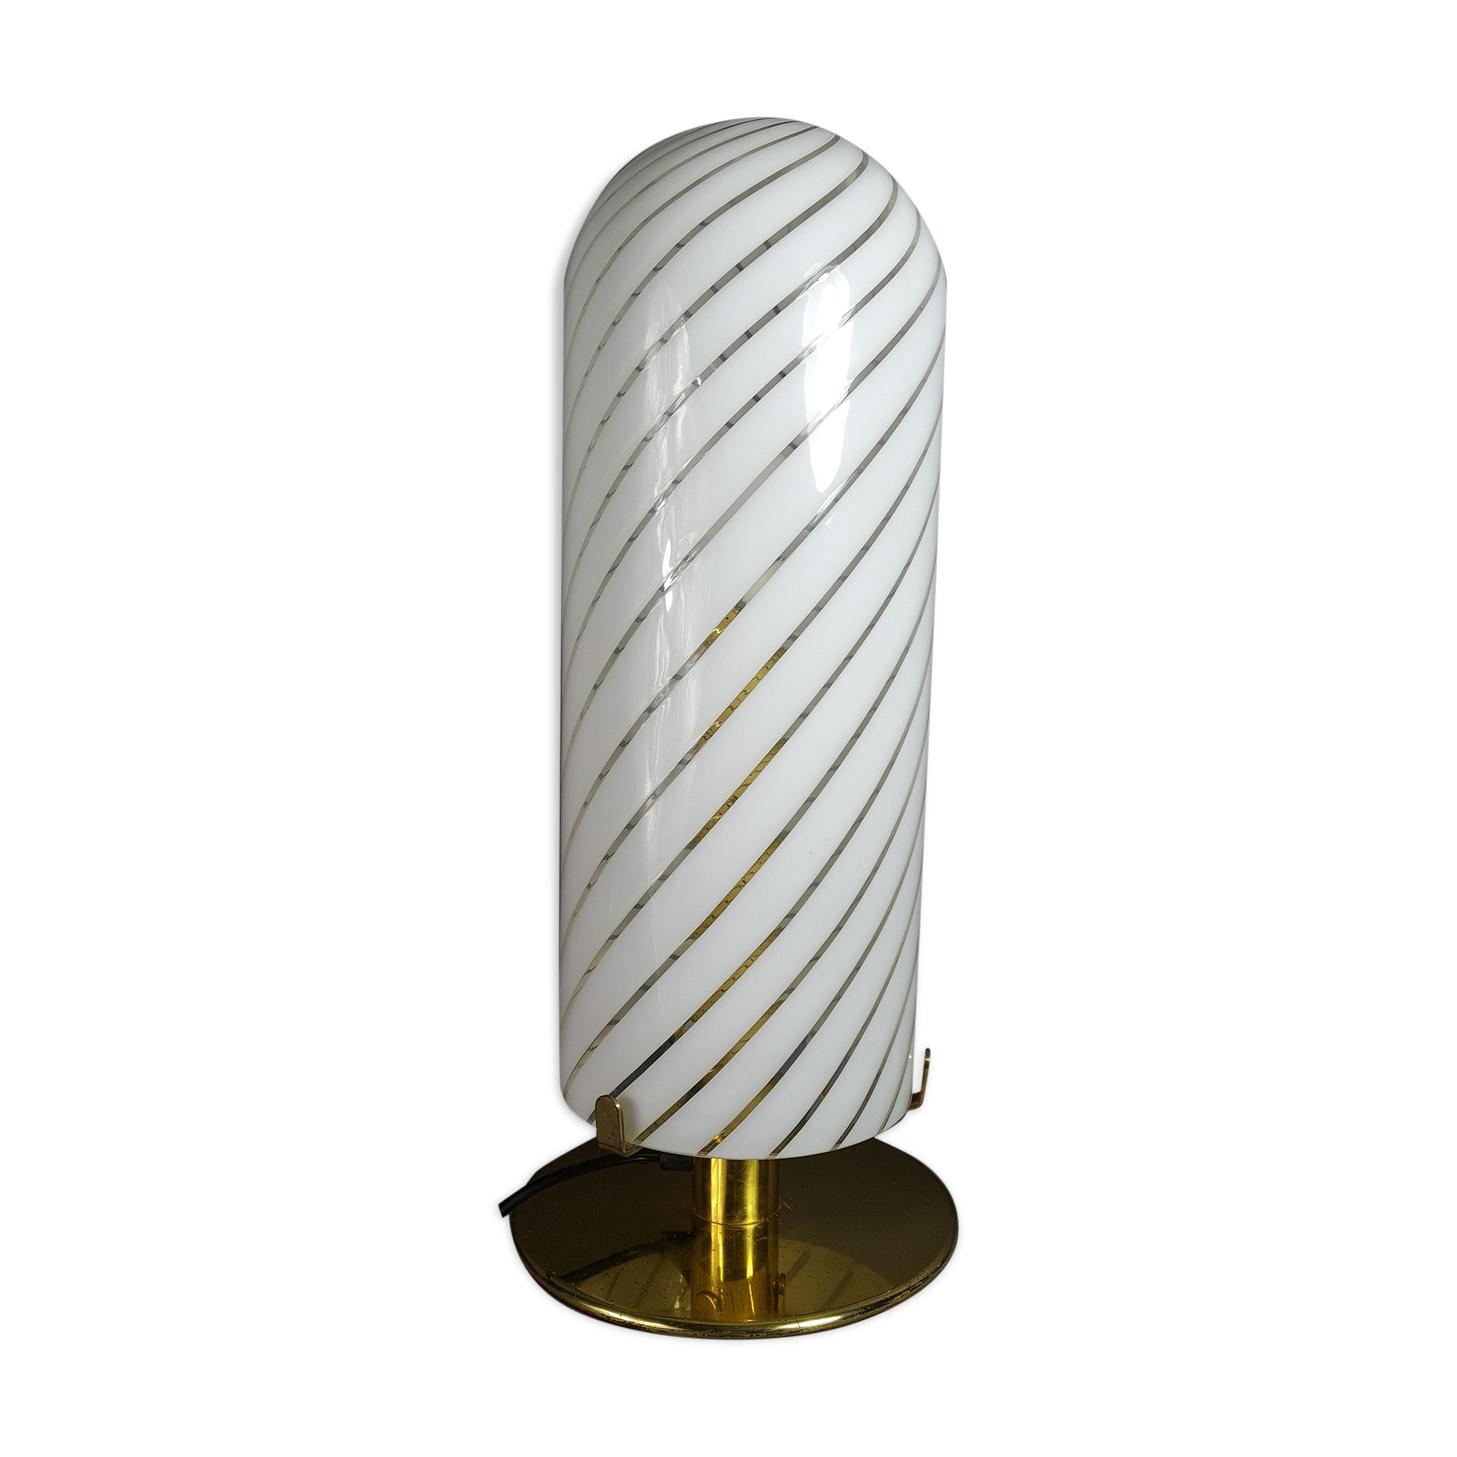 Lampe de table verre soufflé & métal doré Italie vintage